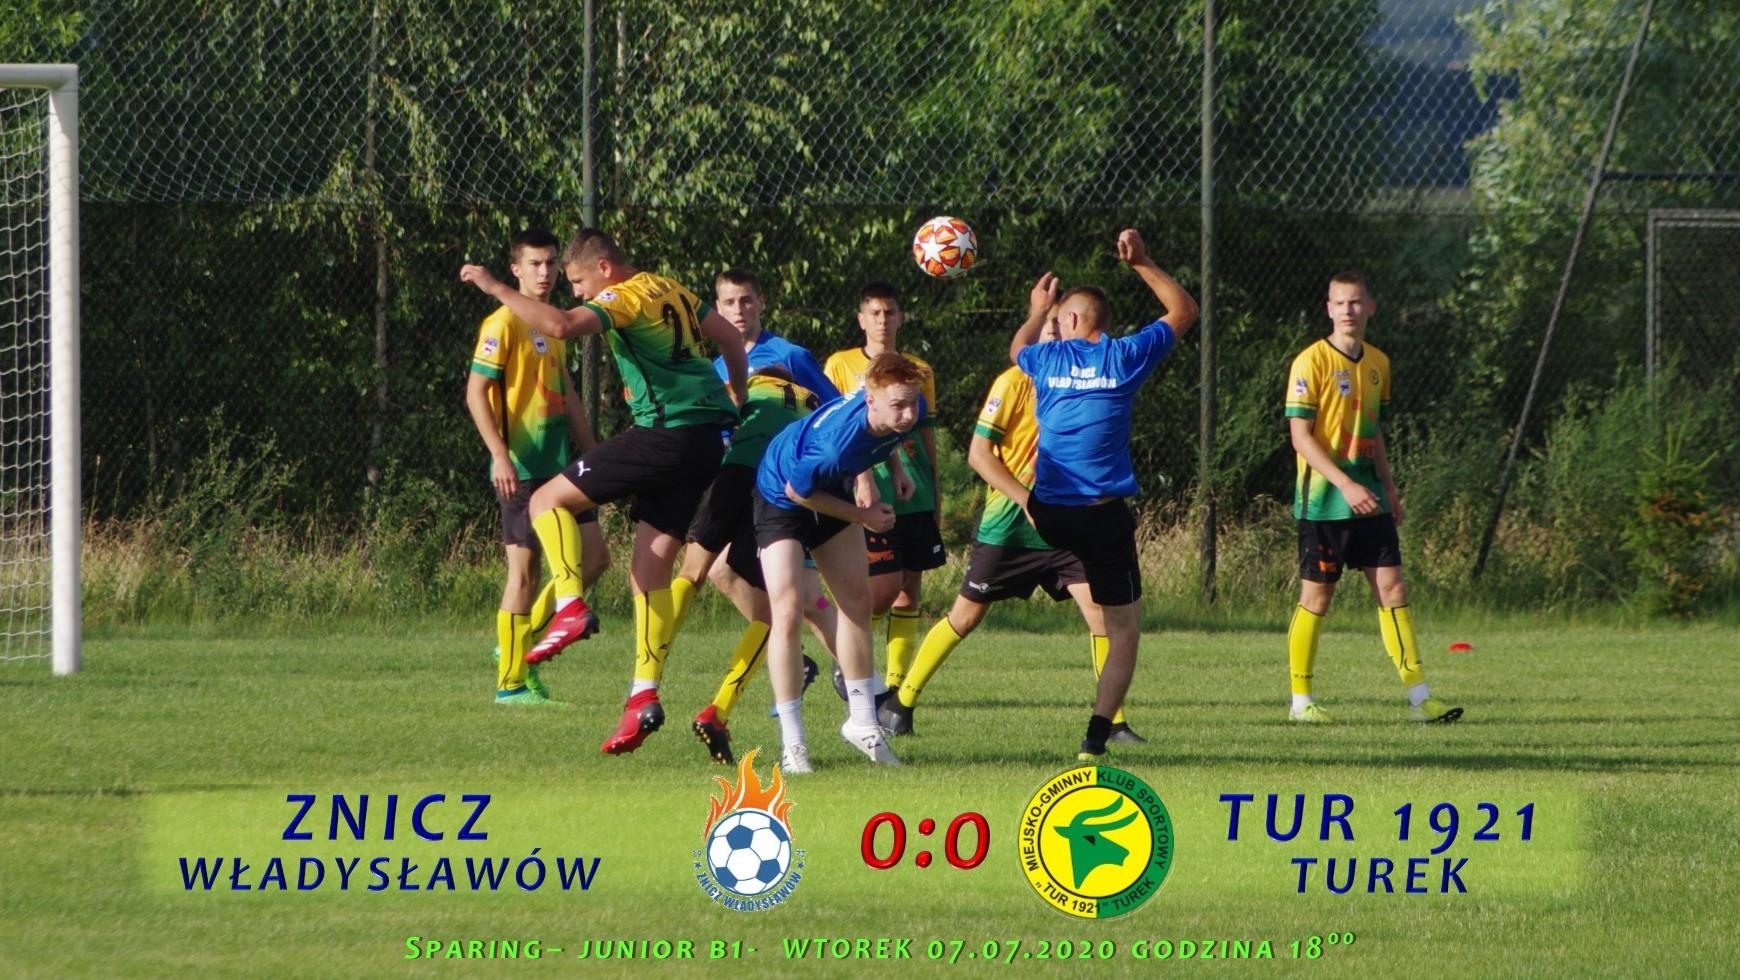 Znicz Władysławów- Tur 1921 Turek 0:0, sparing B1